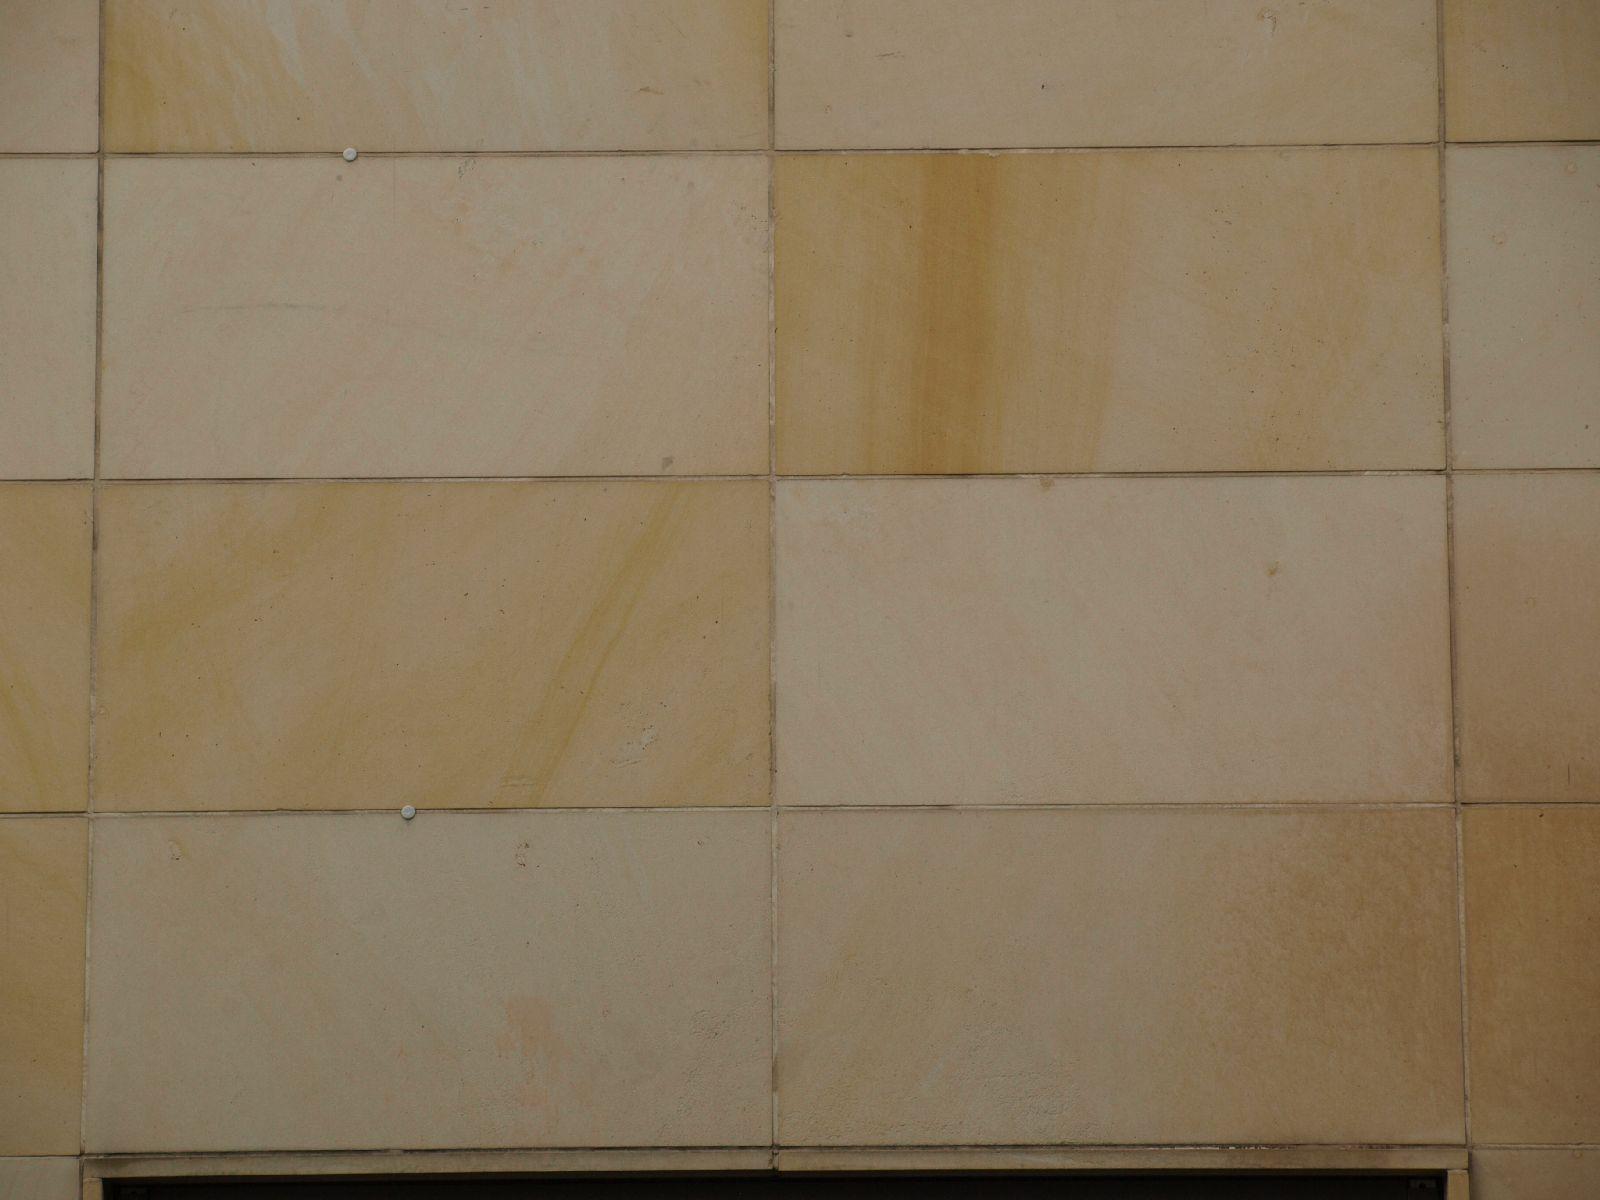 Wand-Steinbloecke-Quader_Textur_A_P6218230